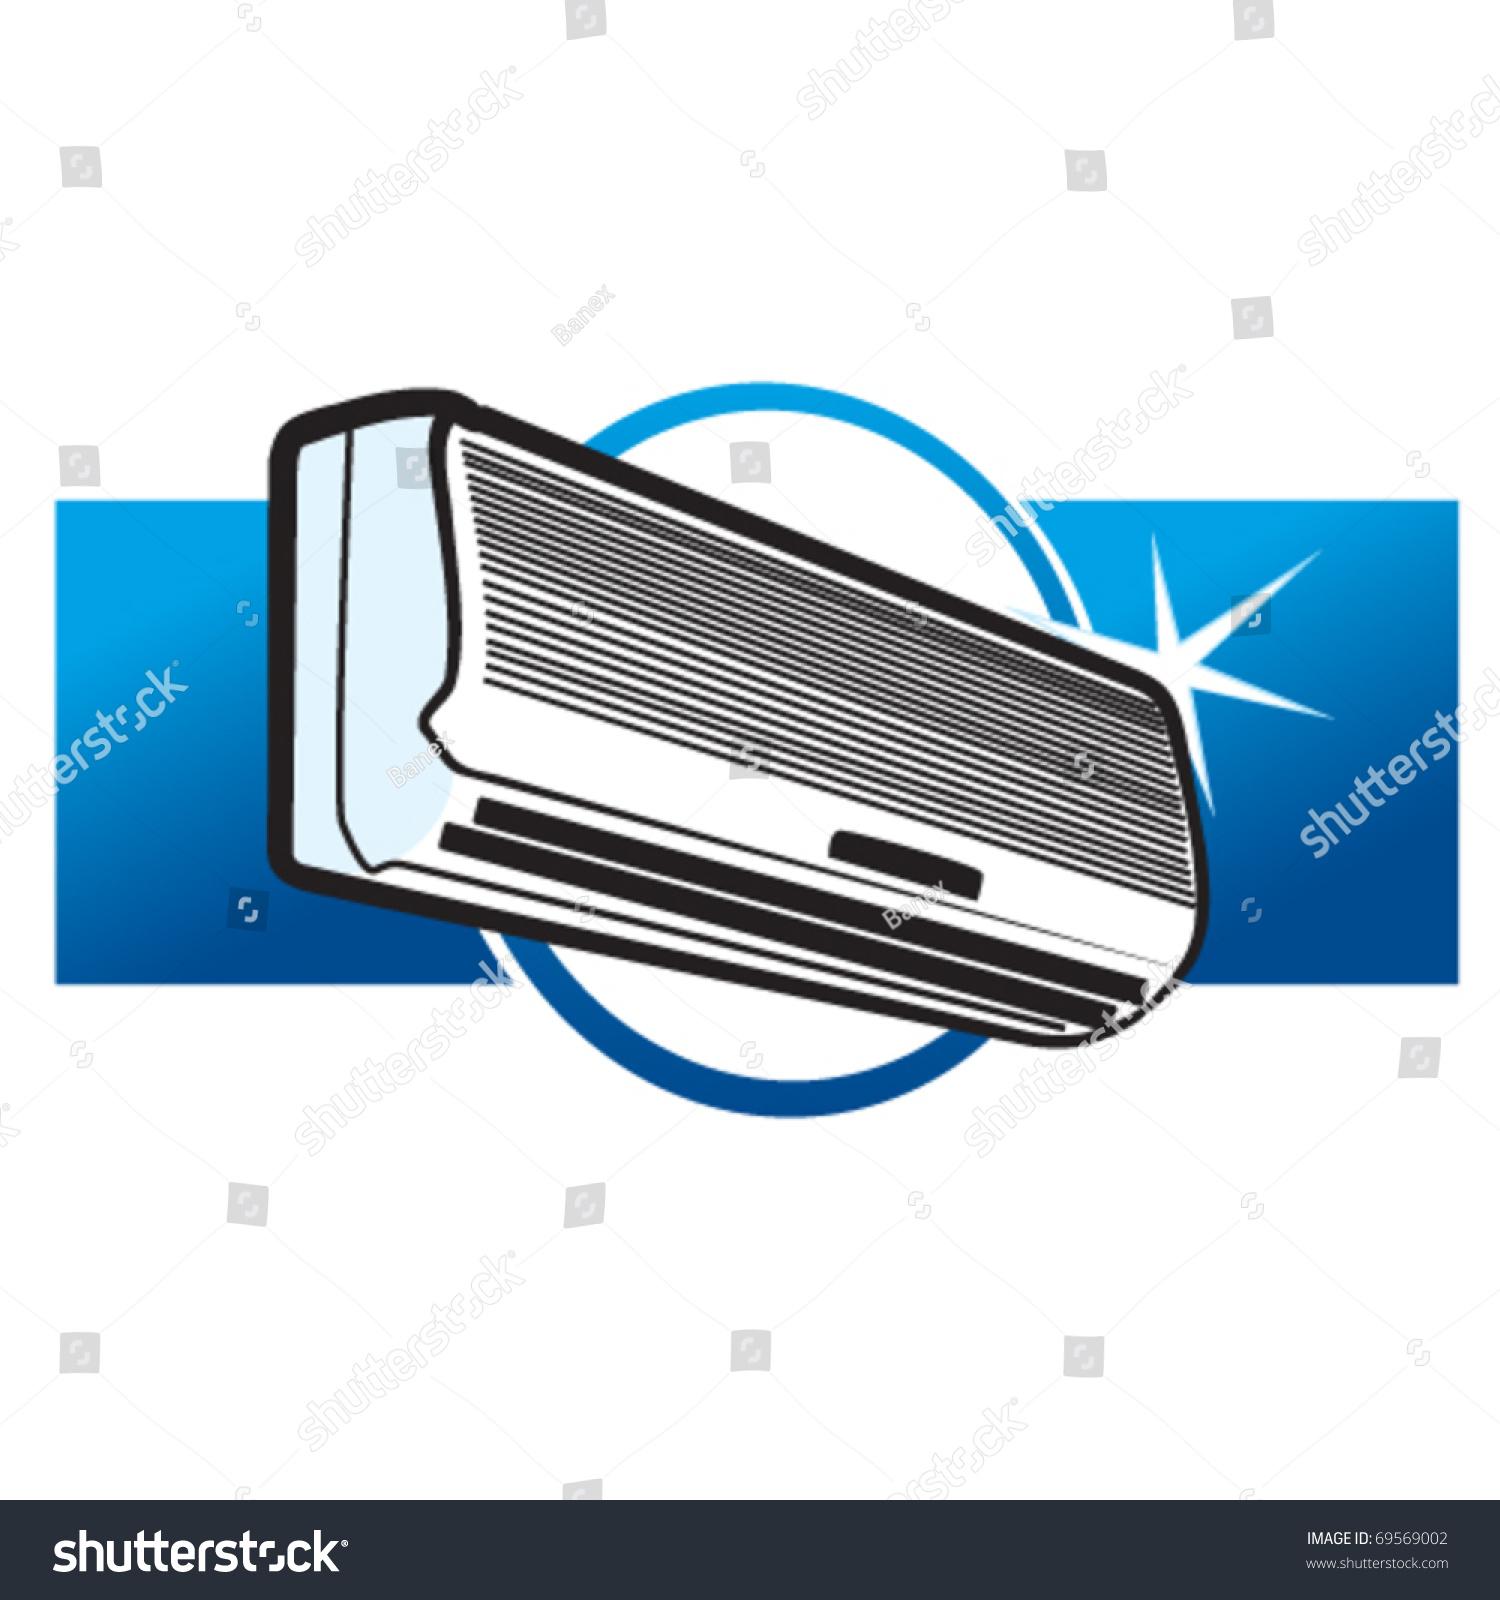 Split Air Conditioner Stock Vector Illustration 69569002  #004B8F